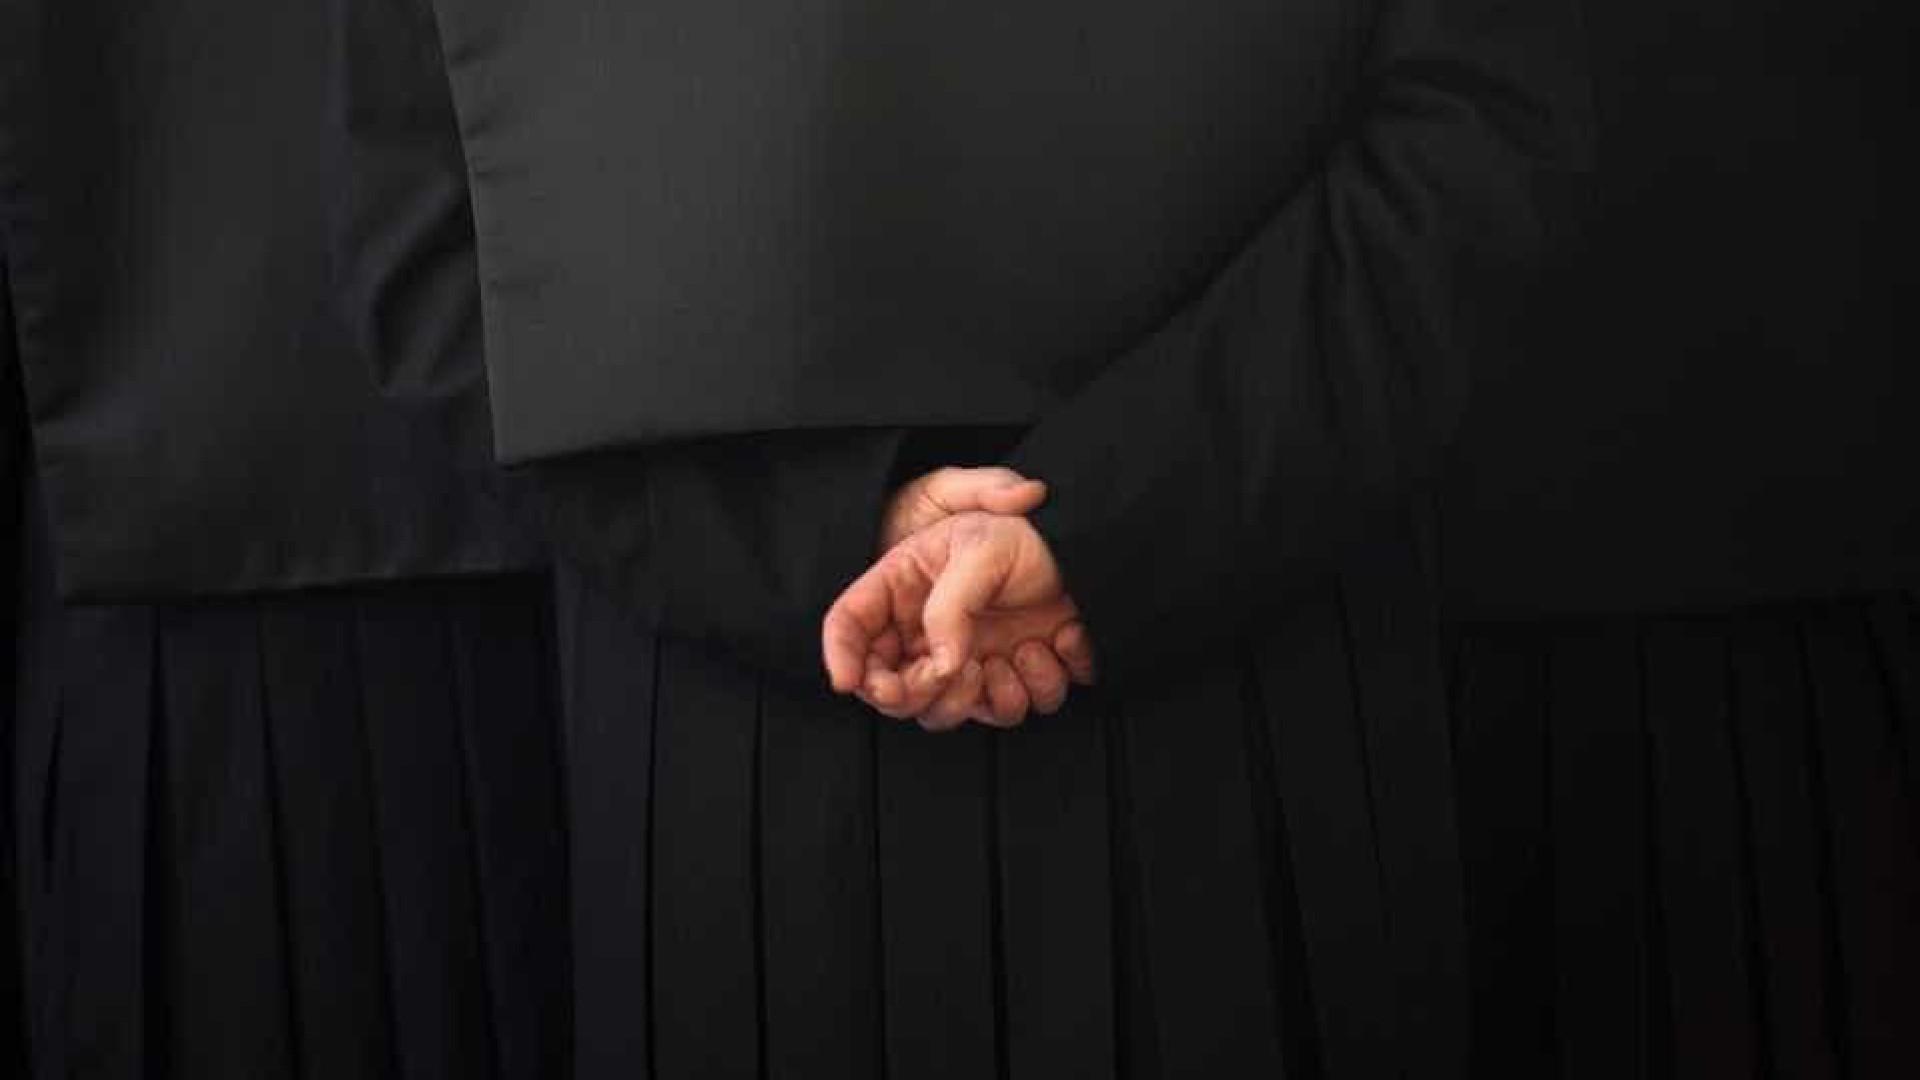 Reforma da Previdência pode atenuar pena a juízes corruptos